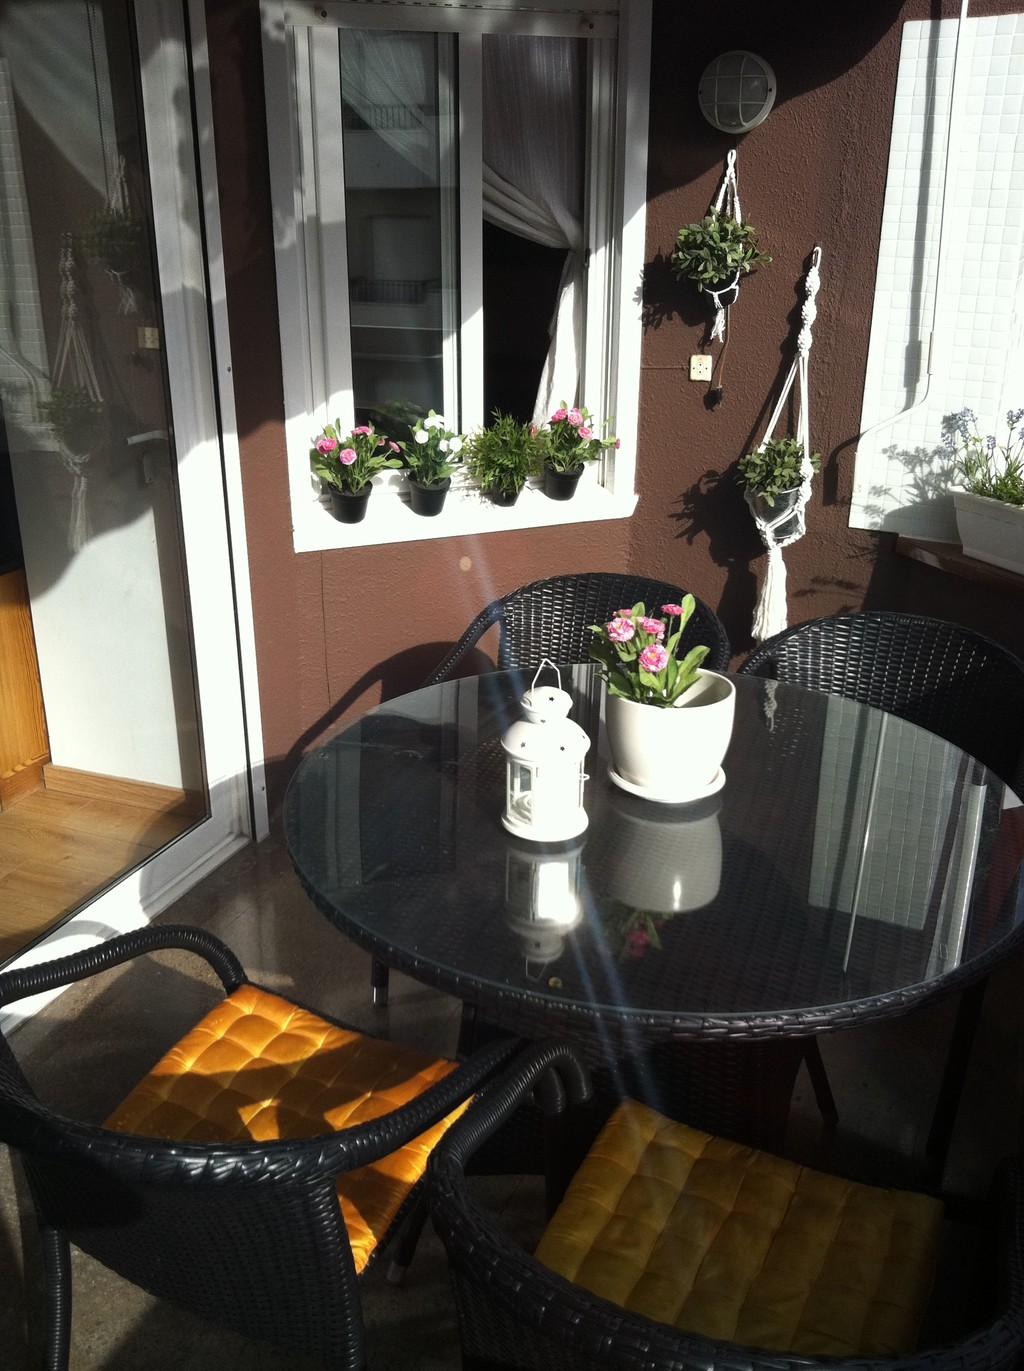 Habitaci n en alquiler barrio de gracia barcelona for Affittare casa a barcellona